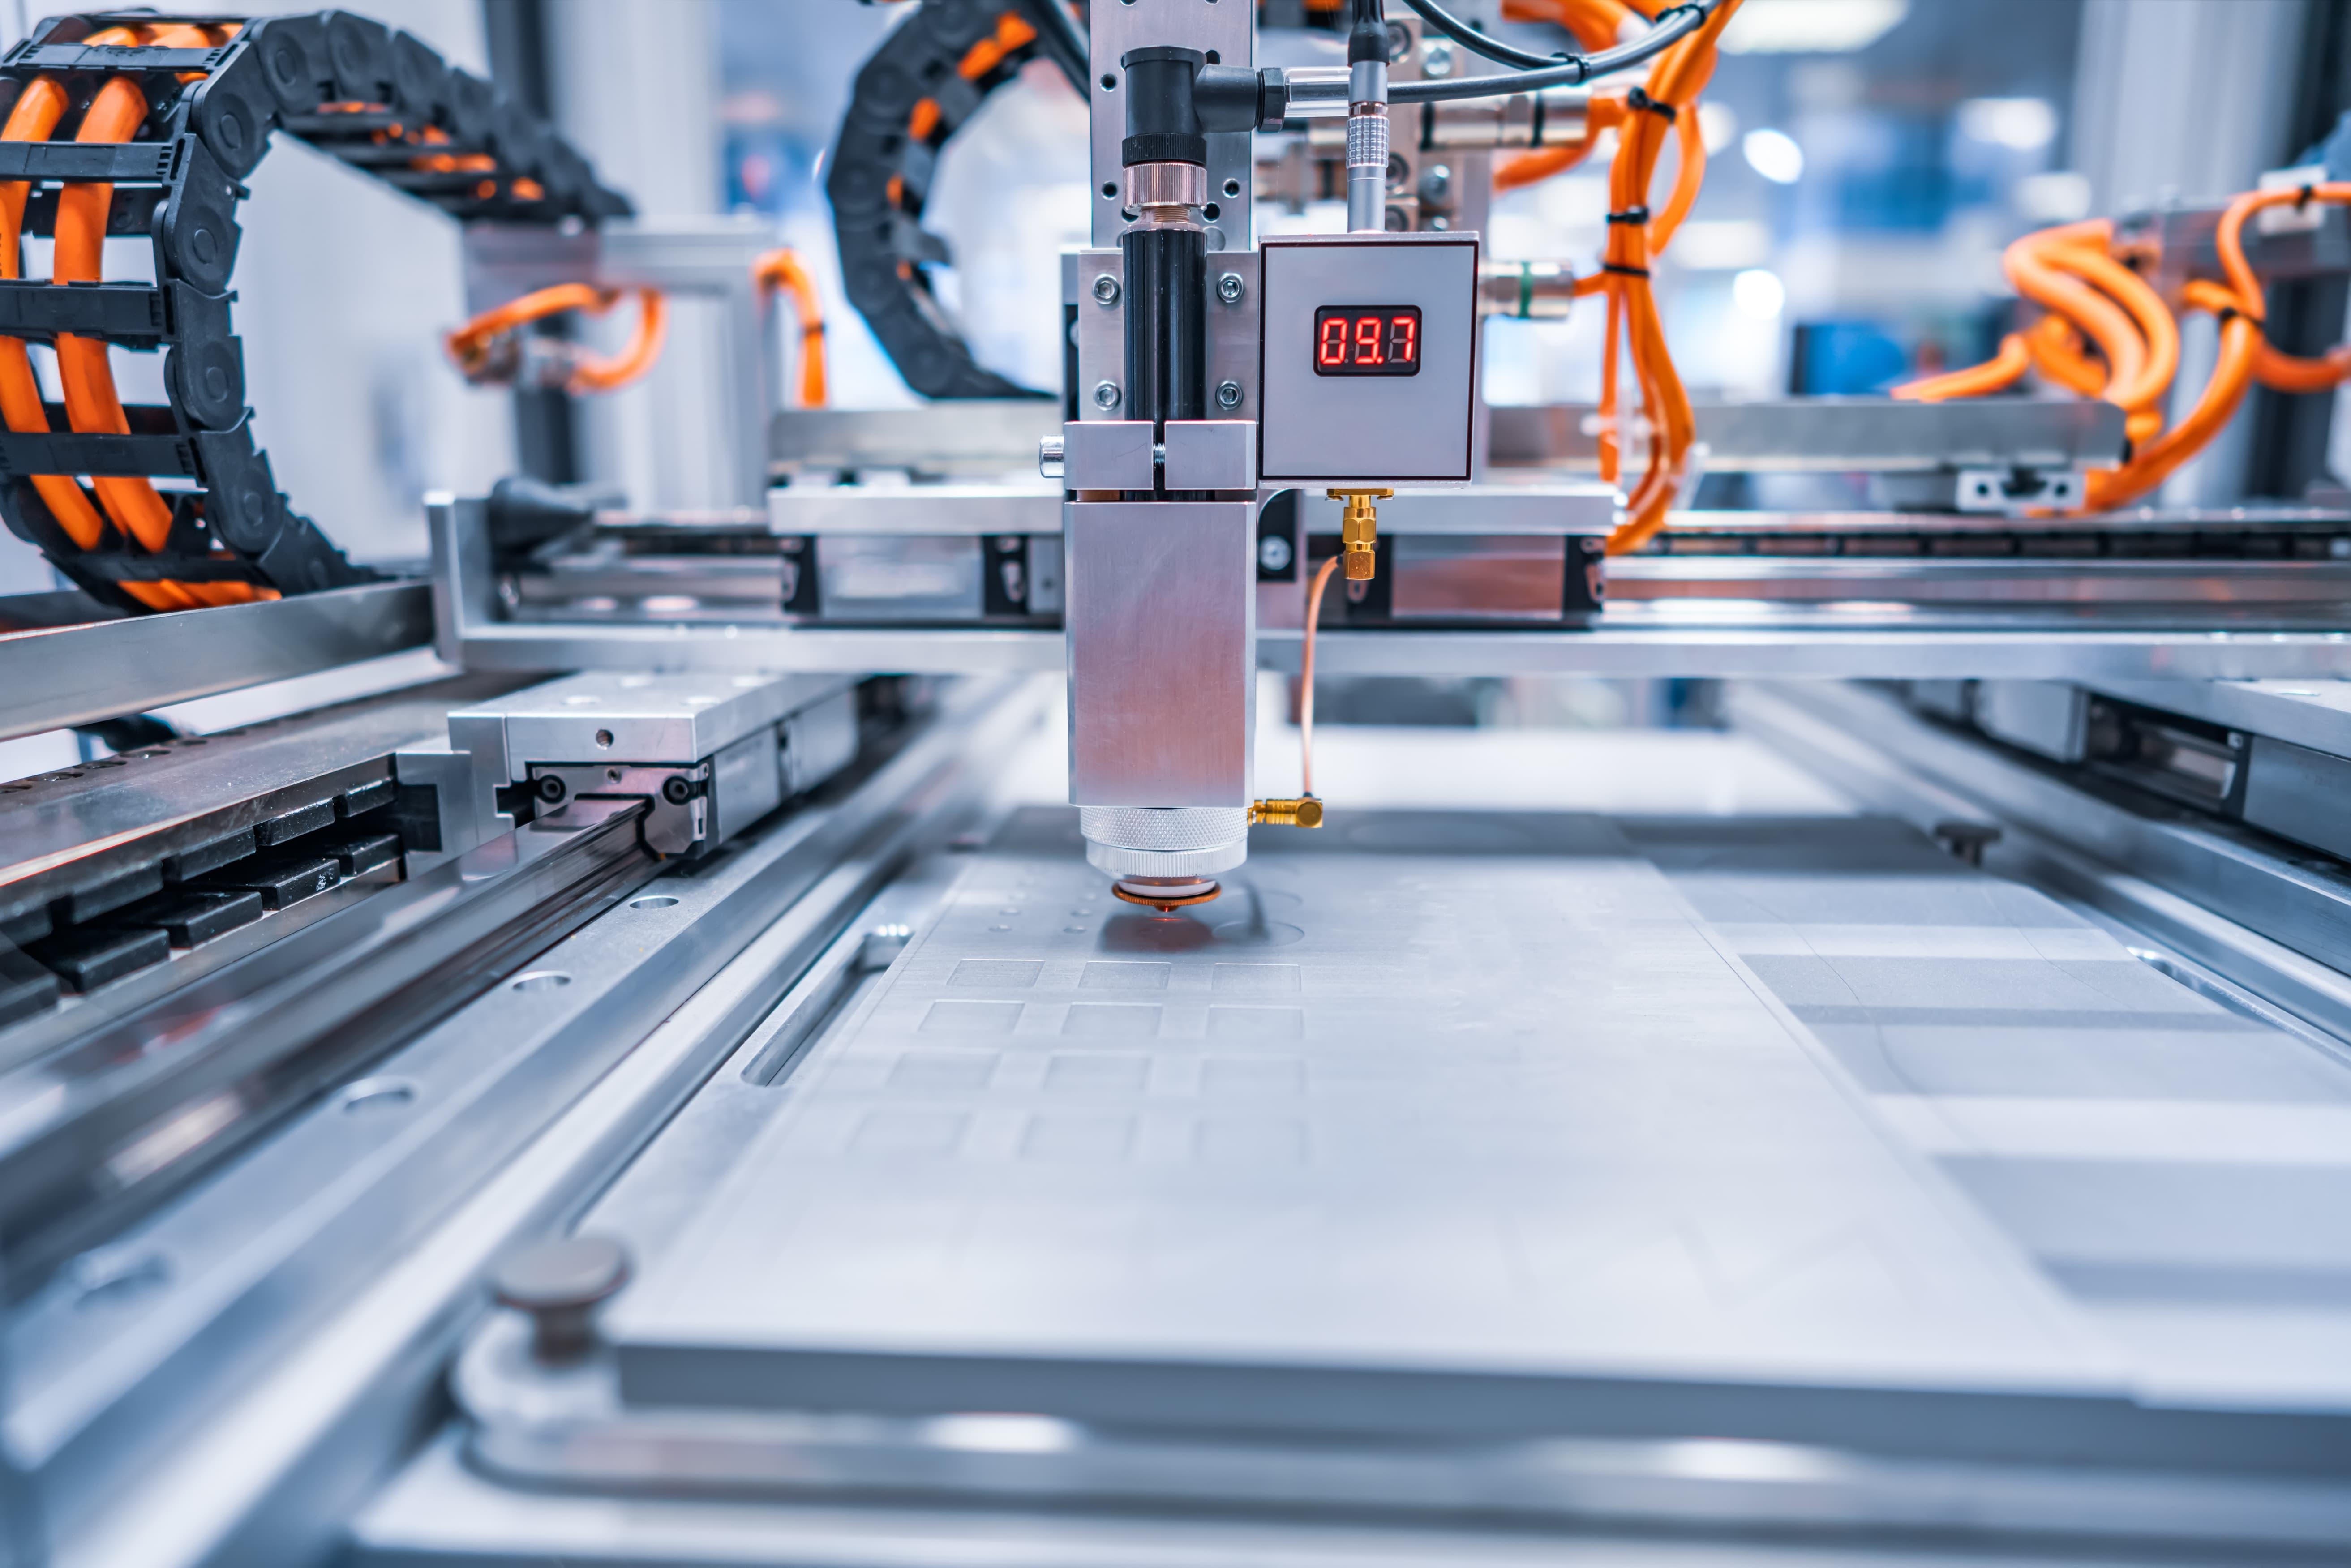 máquinas da nova revolução industrial